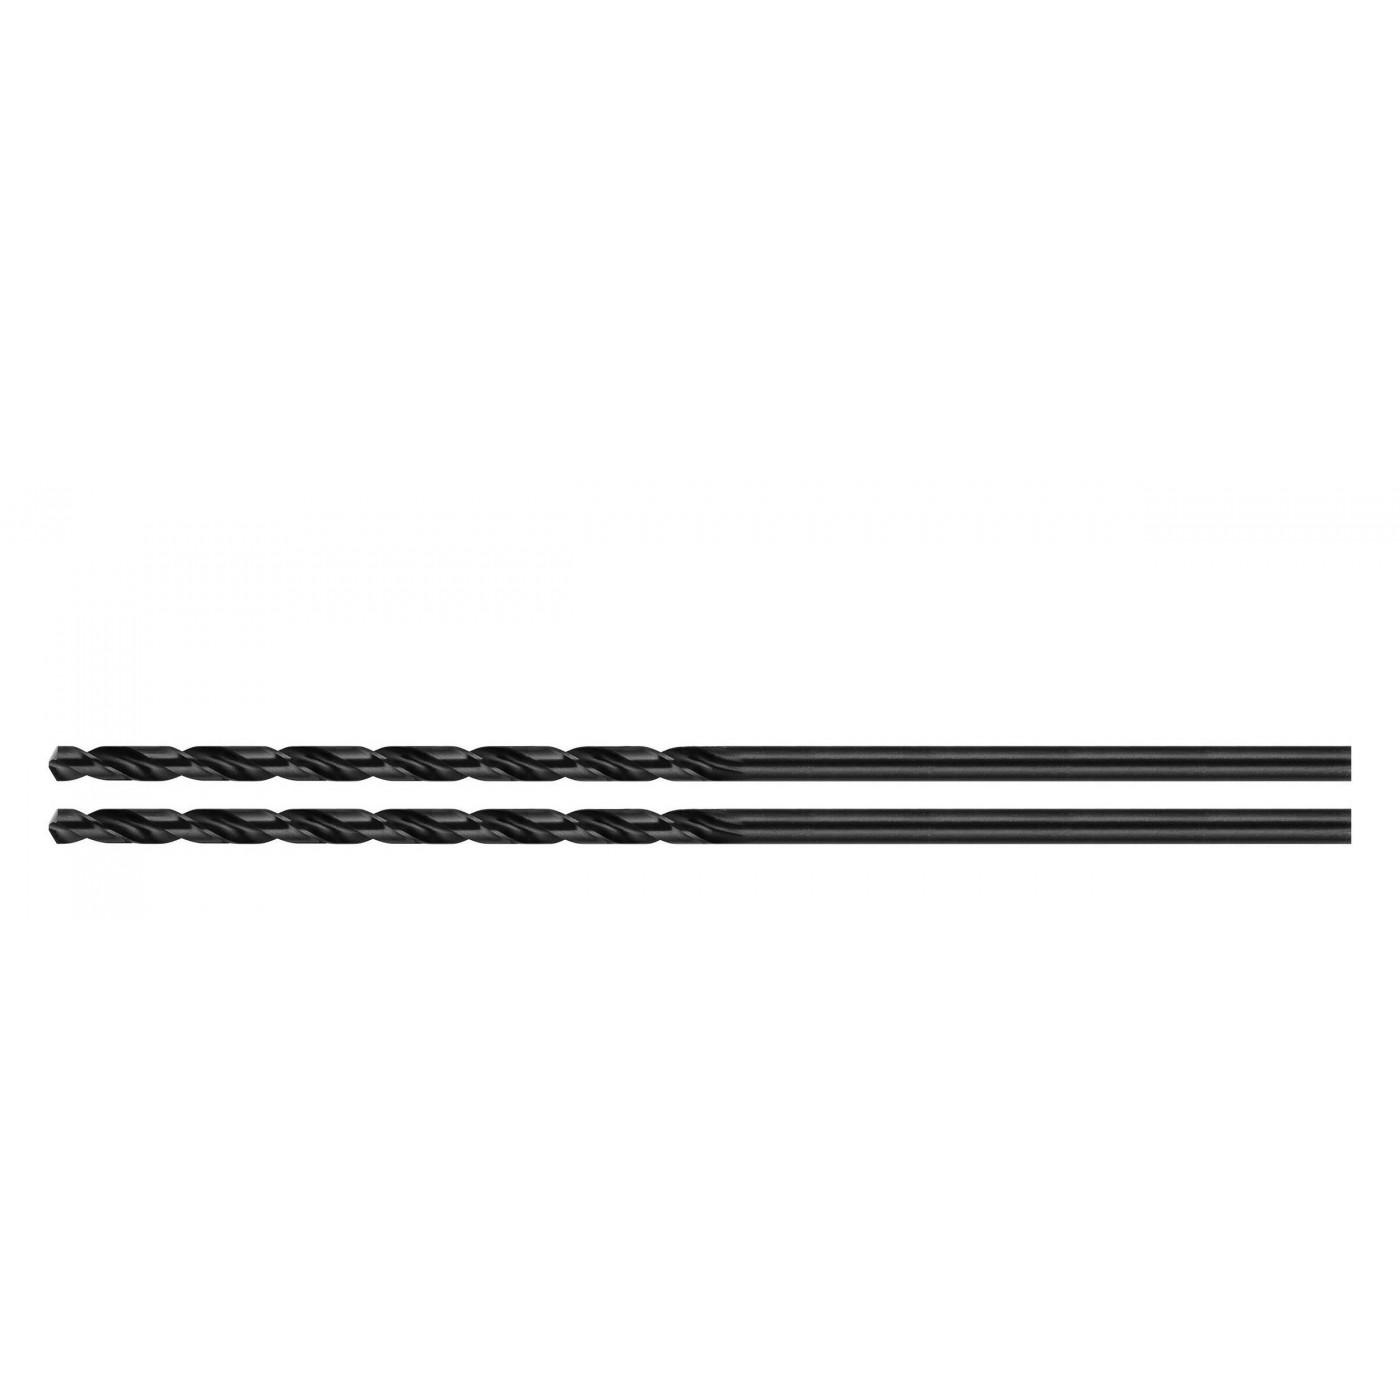 Set of 2 metal drill bits (HSS, 11.0x200 mm)